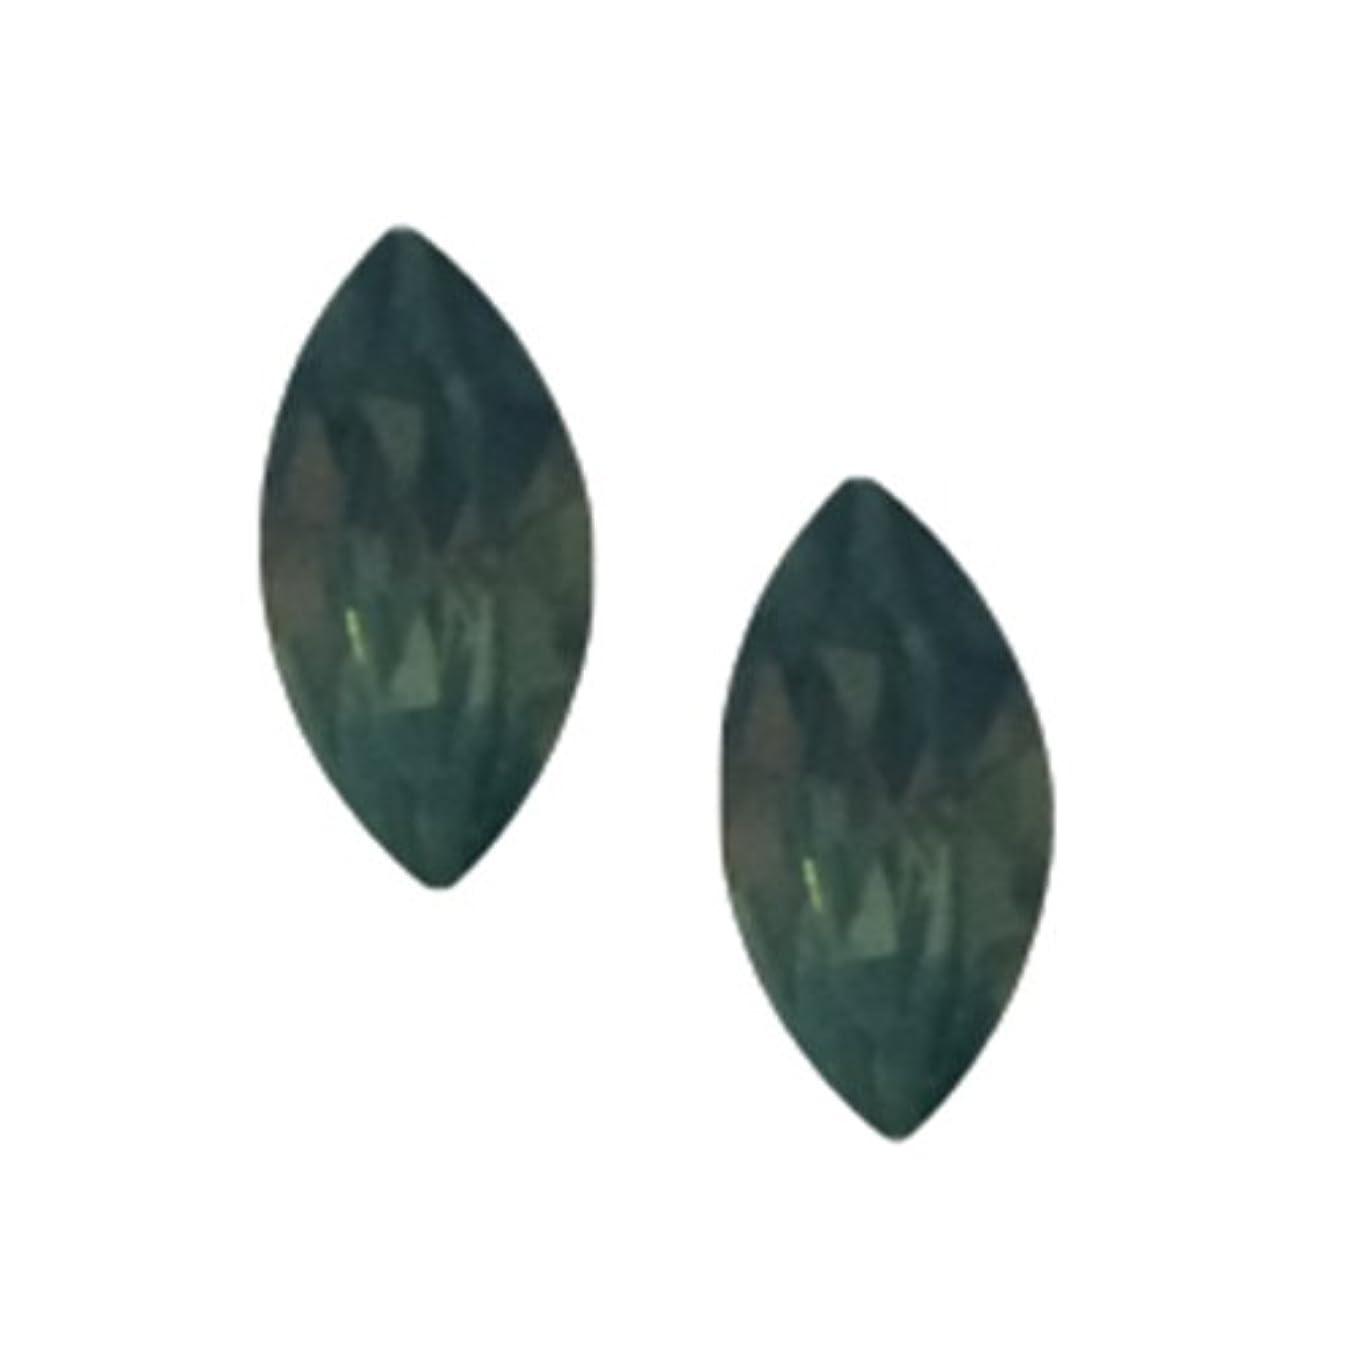 成分ニックネームフックPOSH ART ネイルパーツ馬眼型 3*6mm 10P グリーンオパール